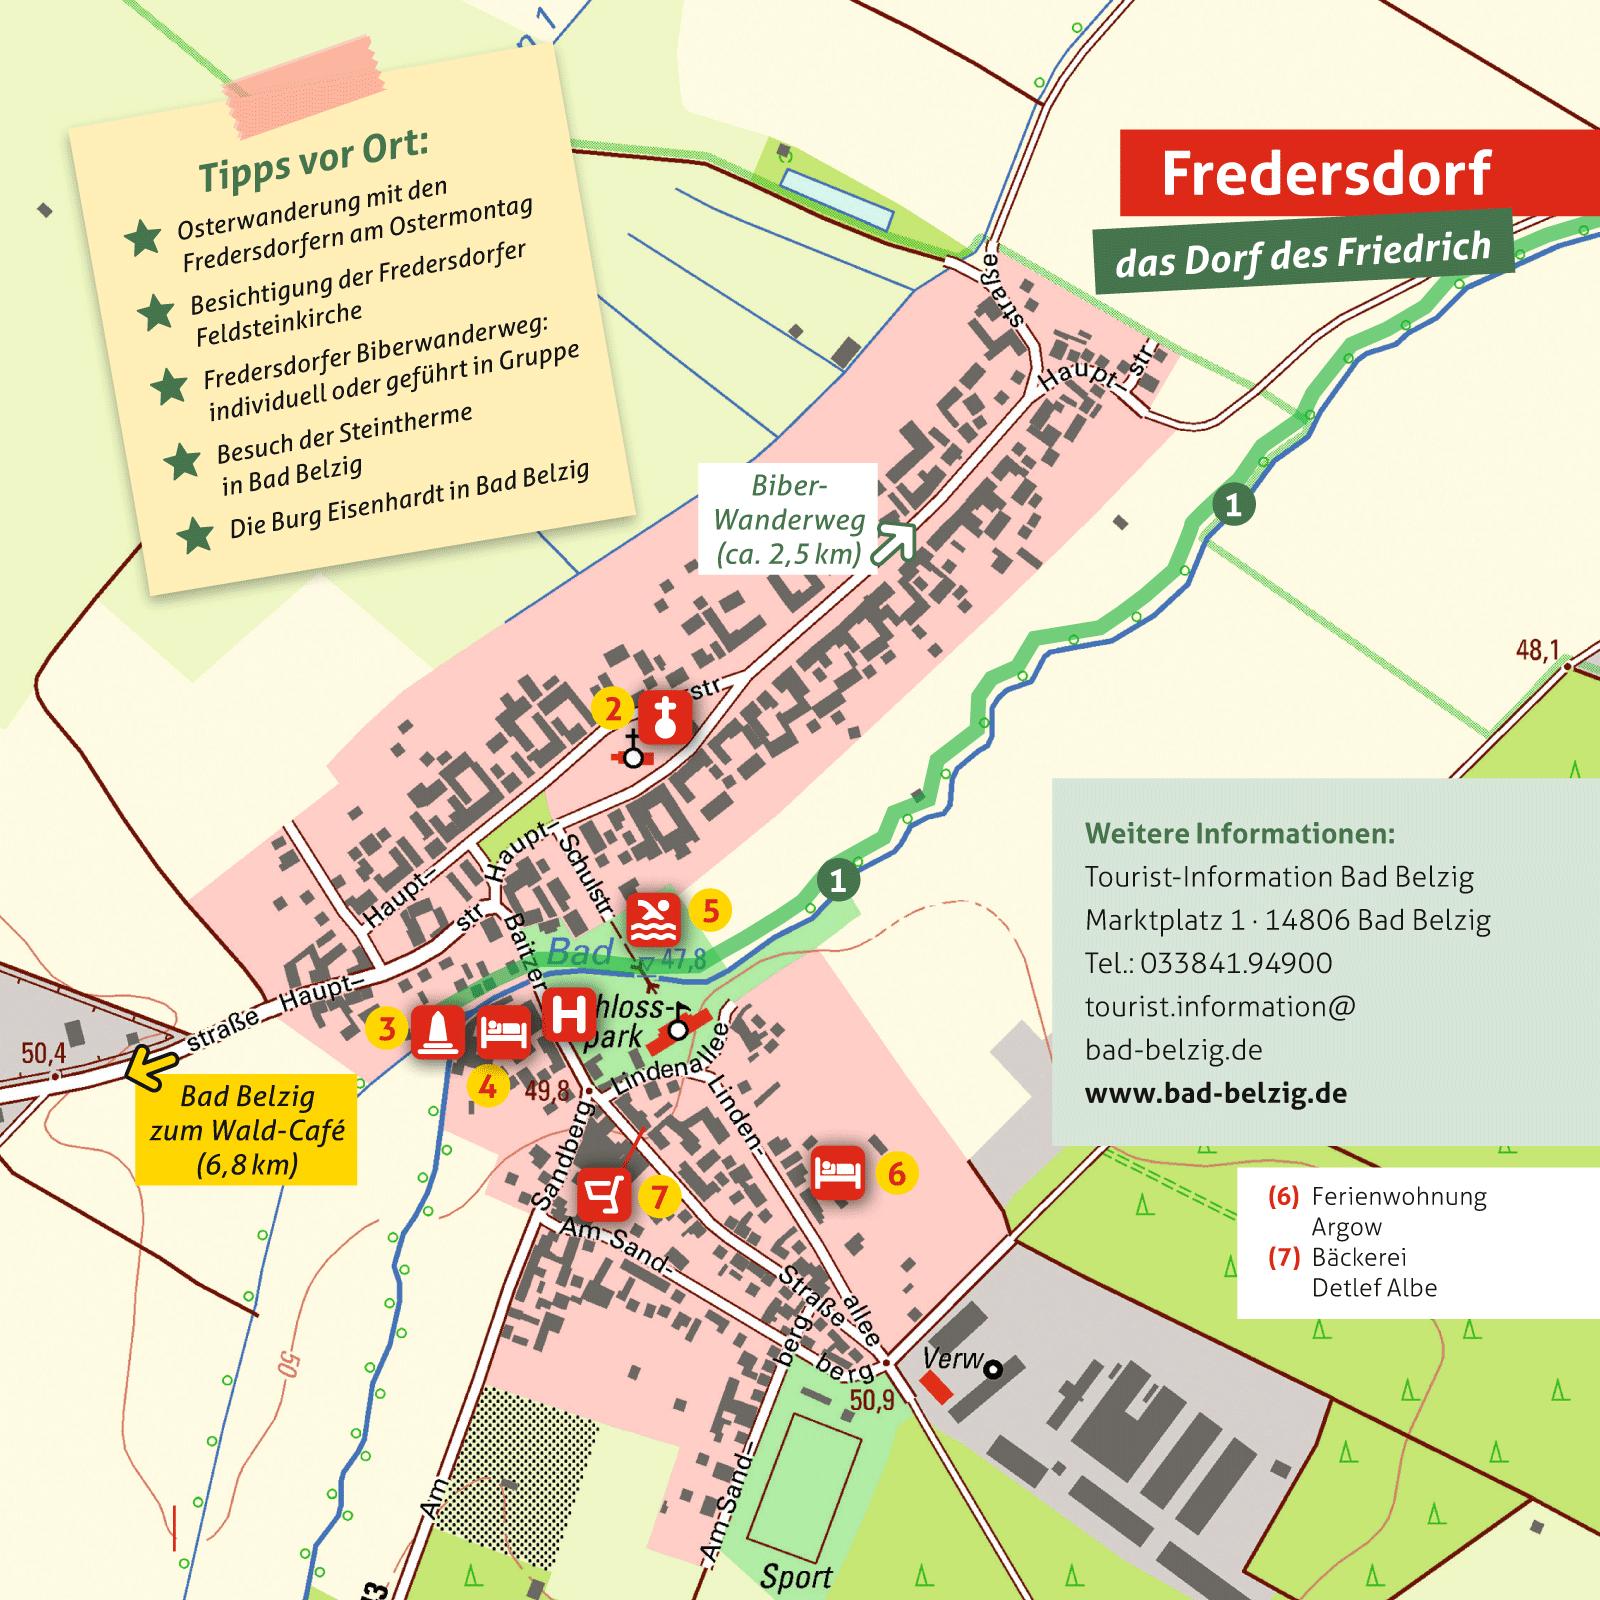 Ausflugskarte für Fresdersdorf